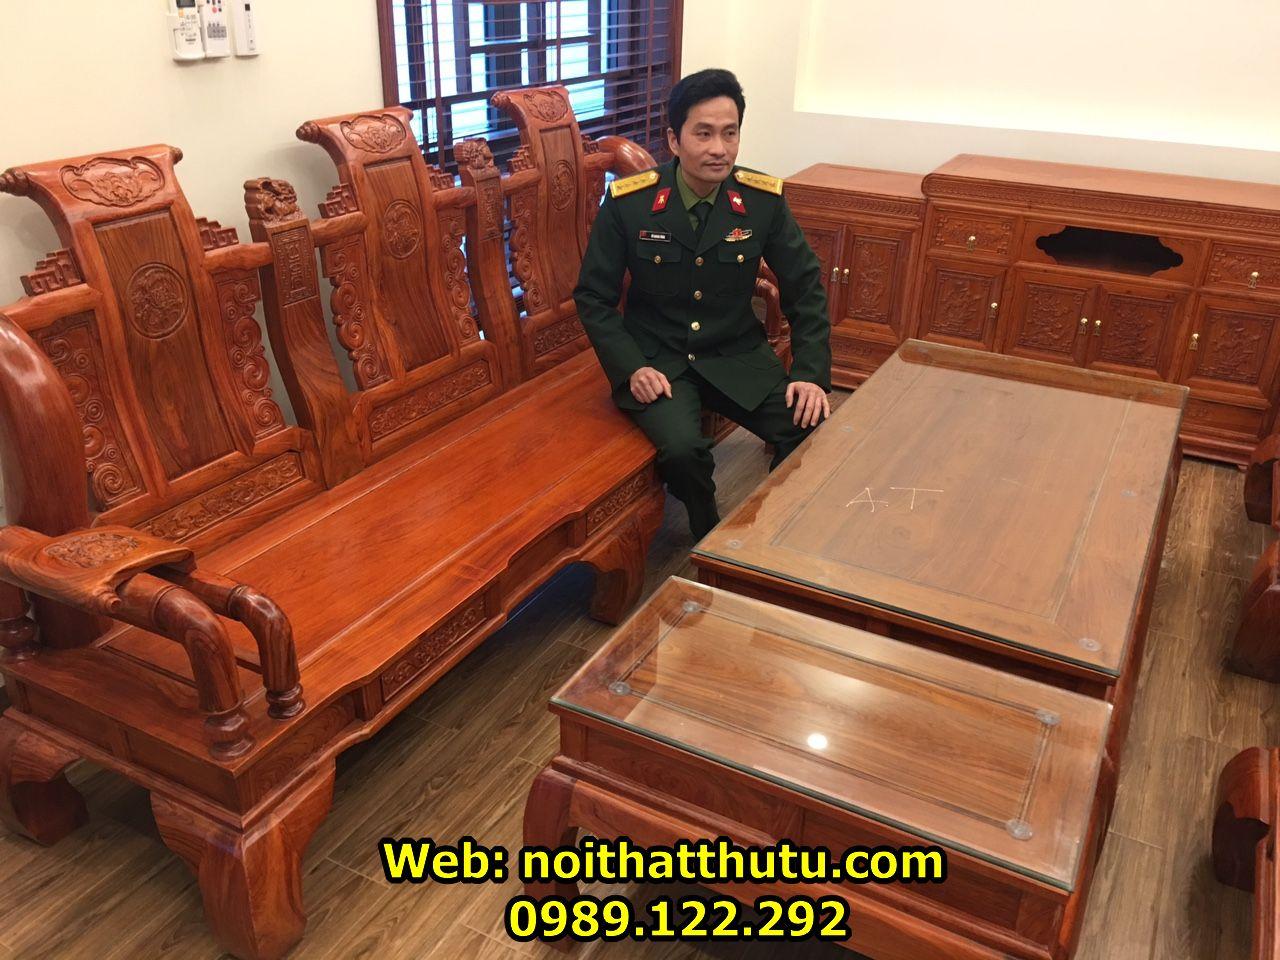 Bộ Bàn Ghế Tần Thủy Hoàng Tay 12 Gỗ Hương Đá._result